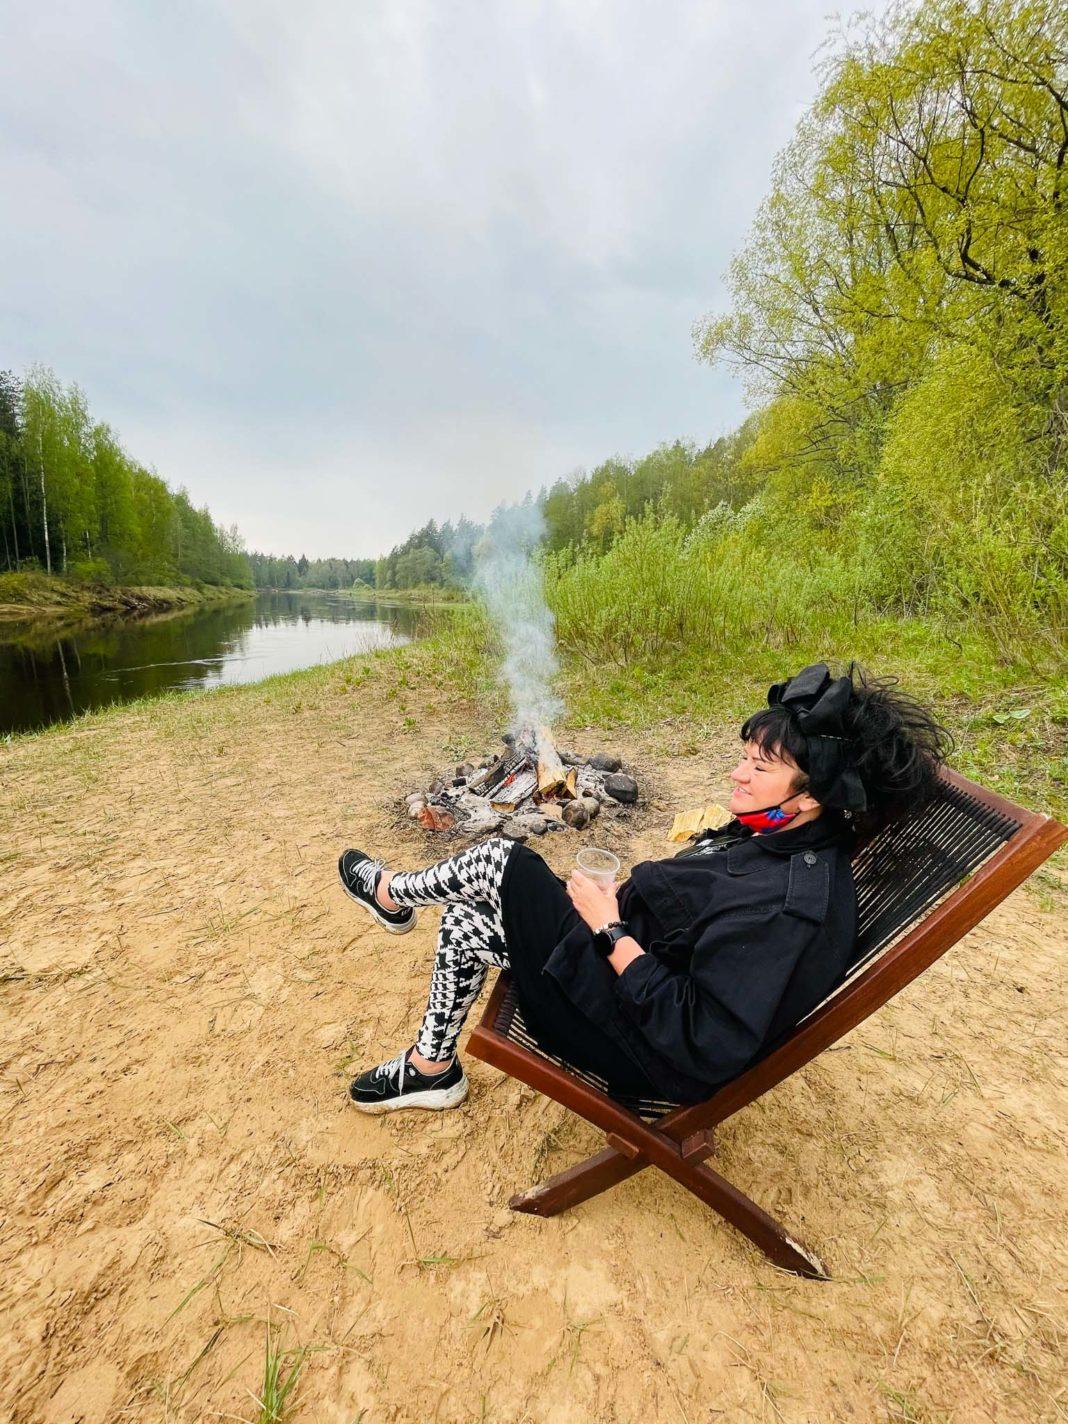 Multimaksla pop up tirdzins Elita Patmalniece kresla upes krasts